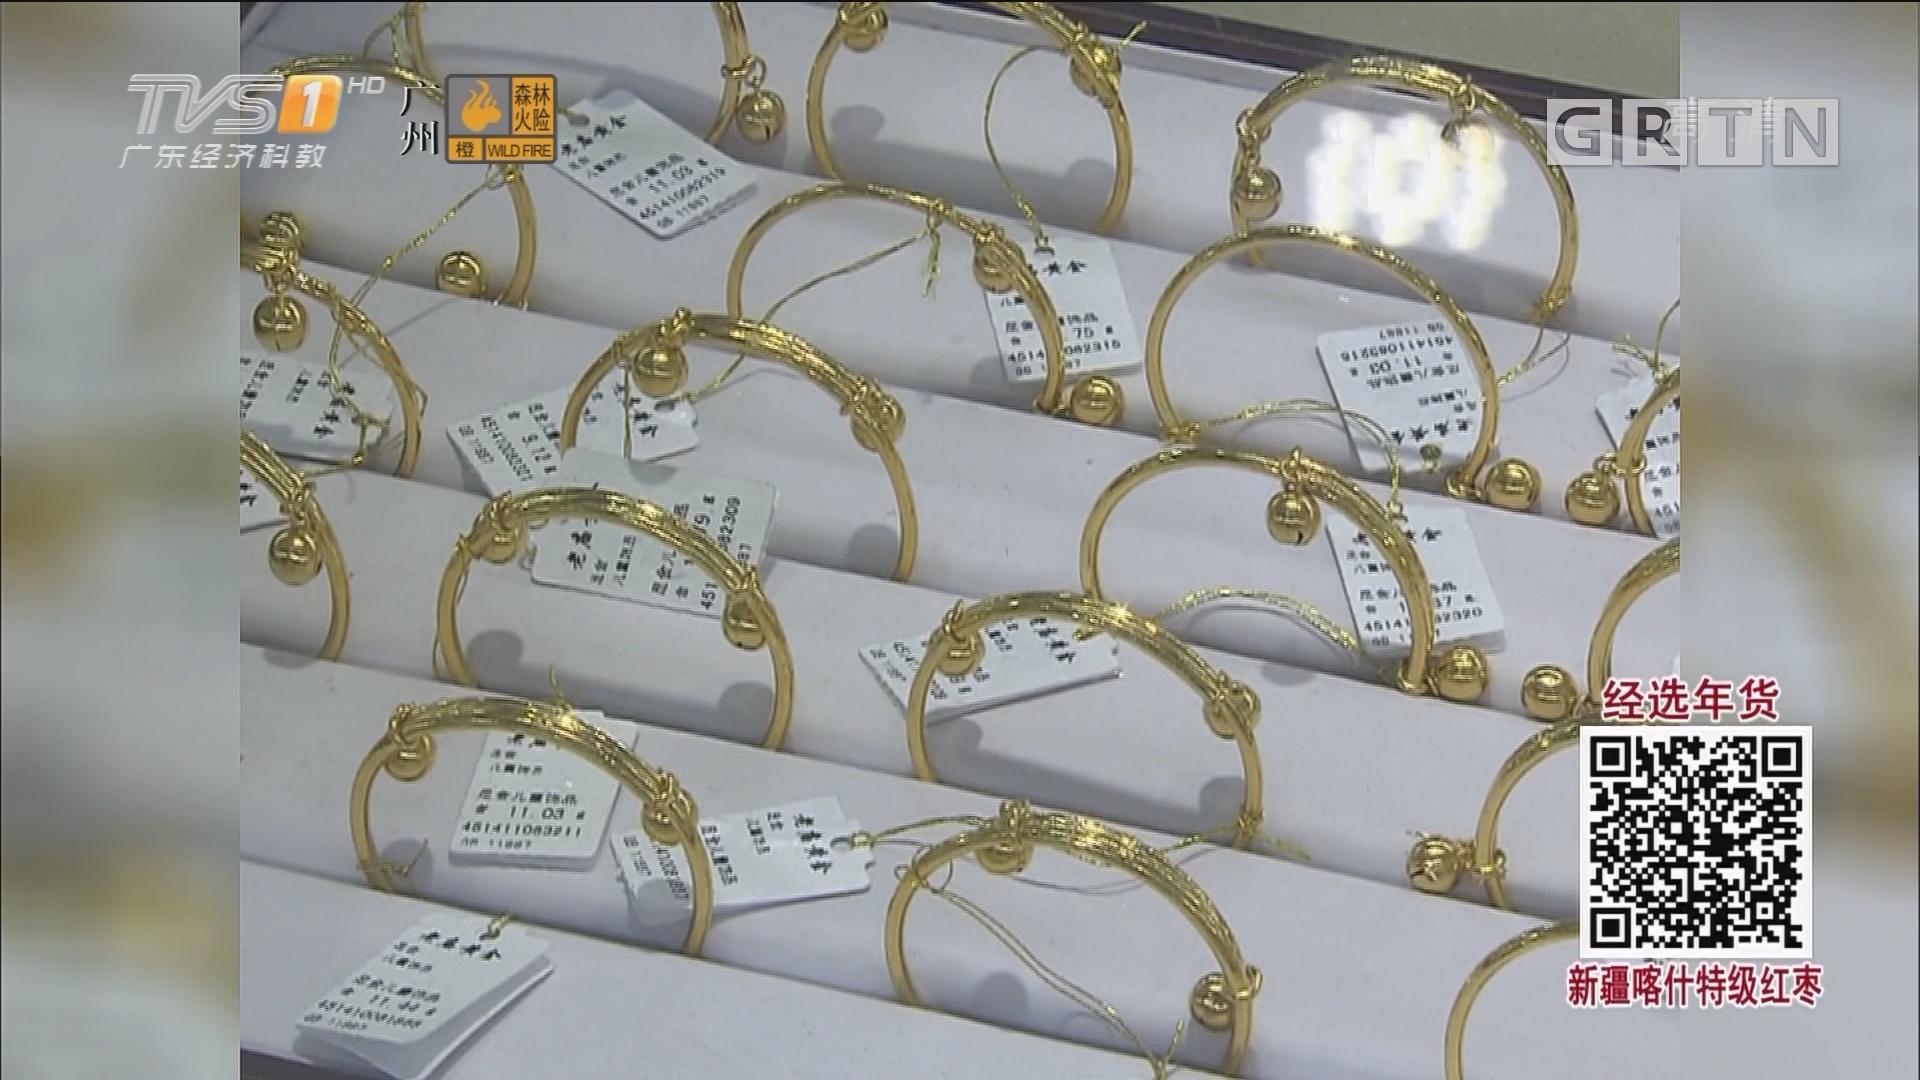 京东推线上首个黄金回购平台 或将打破行业壁垒